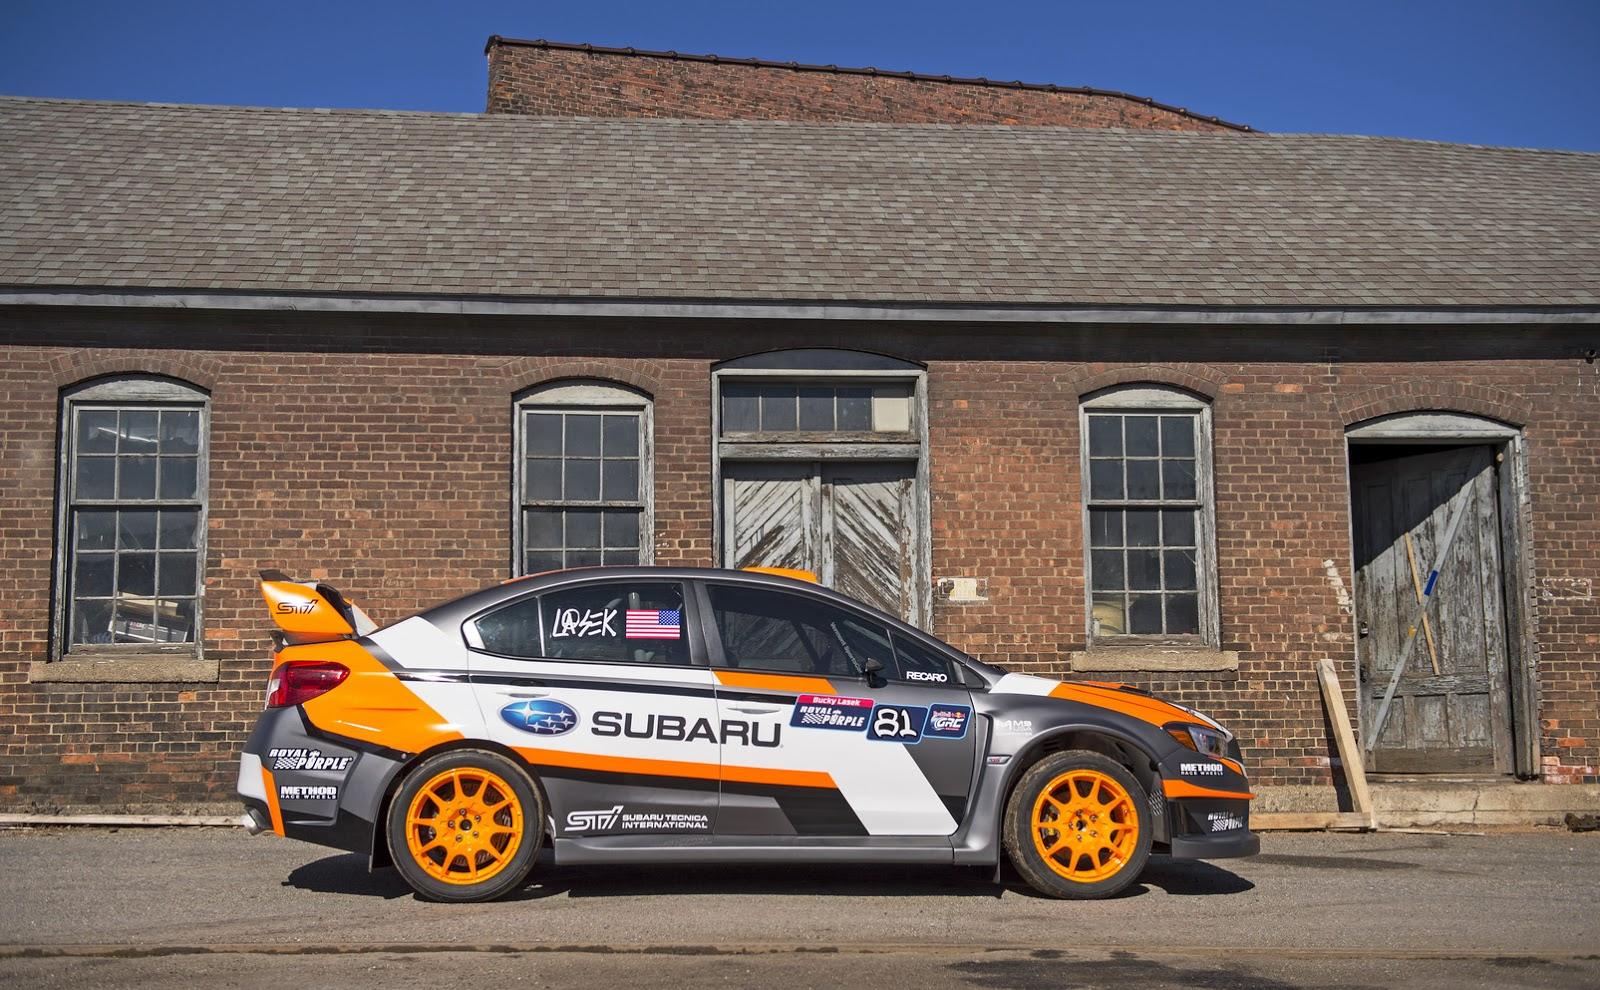 2014 - [Subaru] Impreza WRX/STi  - Page 5 Subaru-Rallycross-2015-5